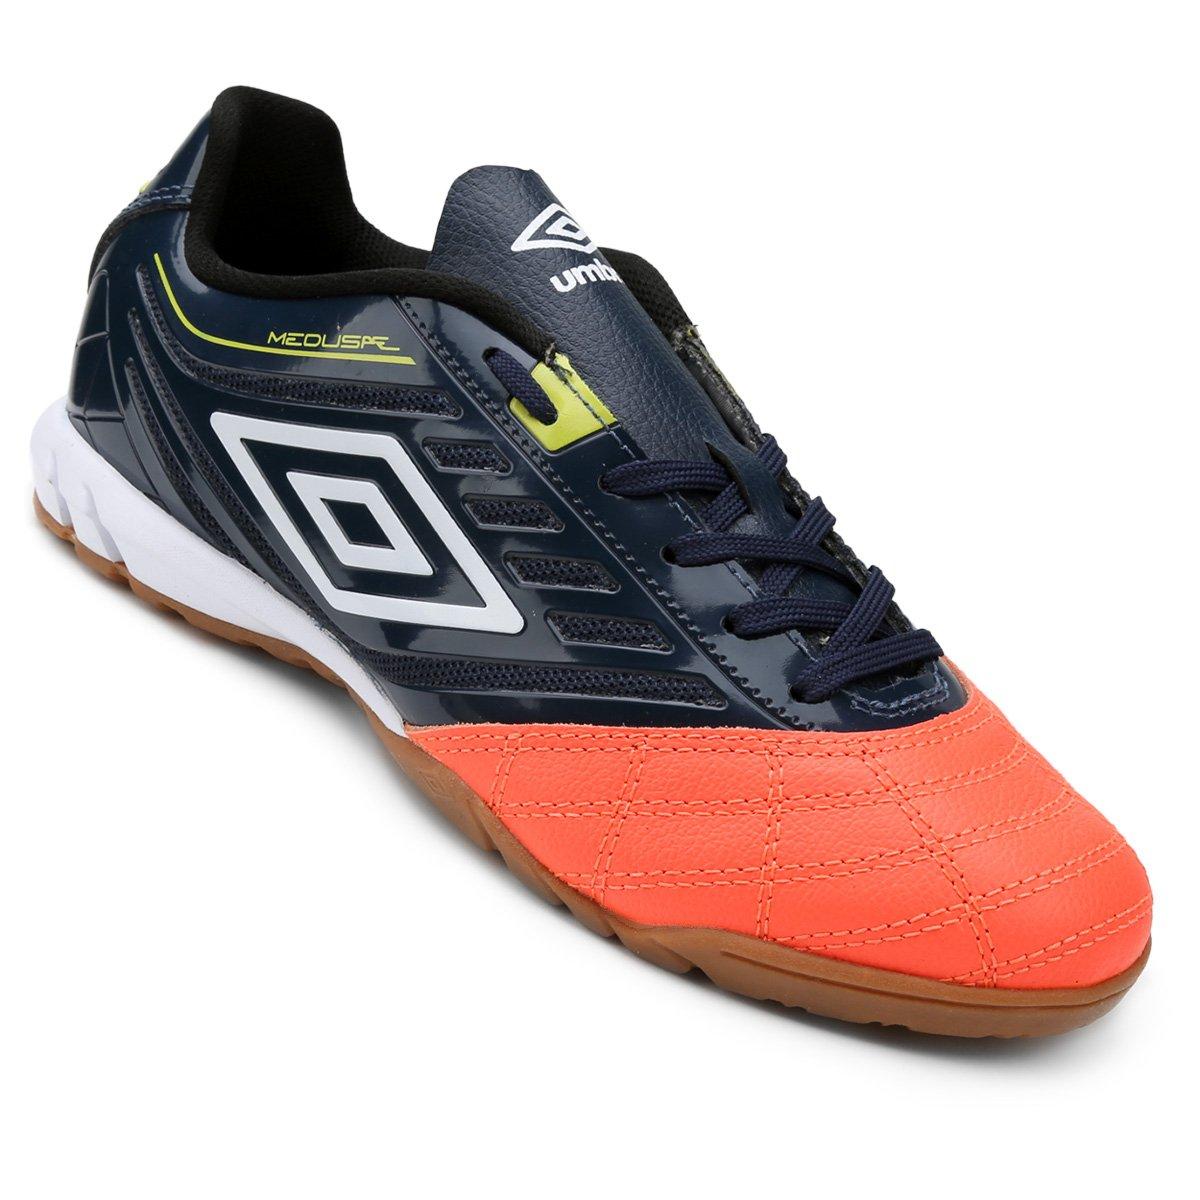 Chuteira Futsal Umbro Medusae Premier Masculina - Compre Agora ... ebf1f969119eb